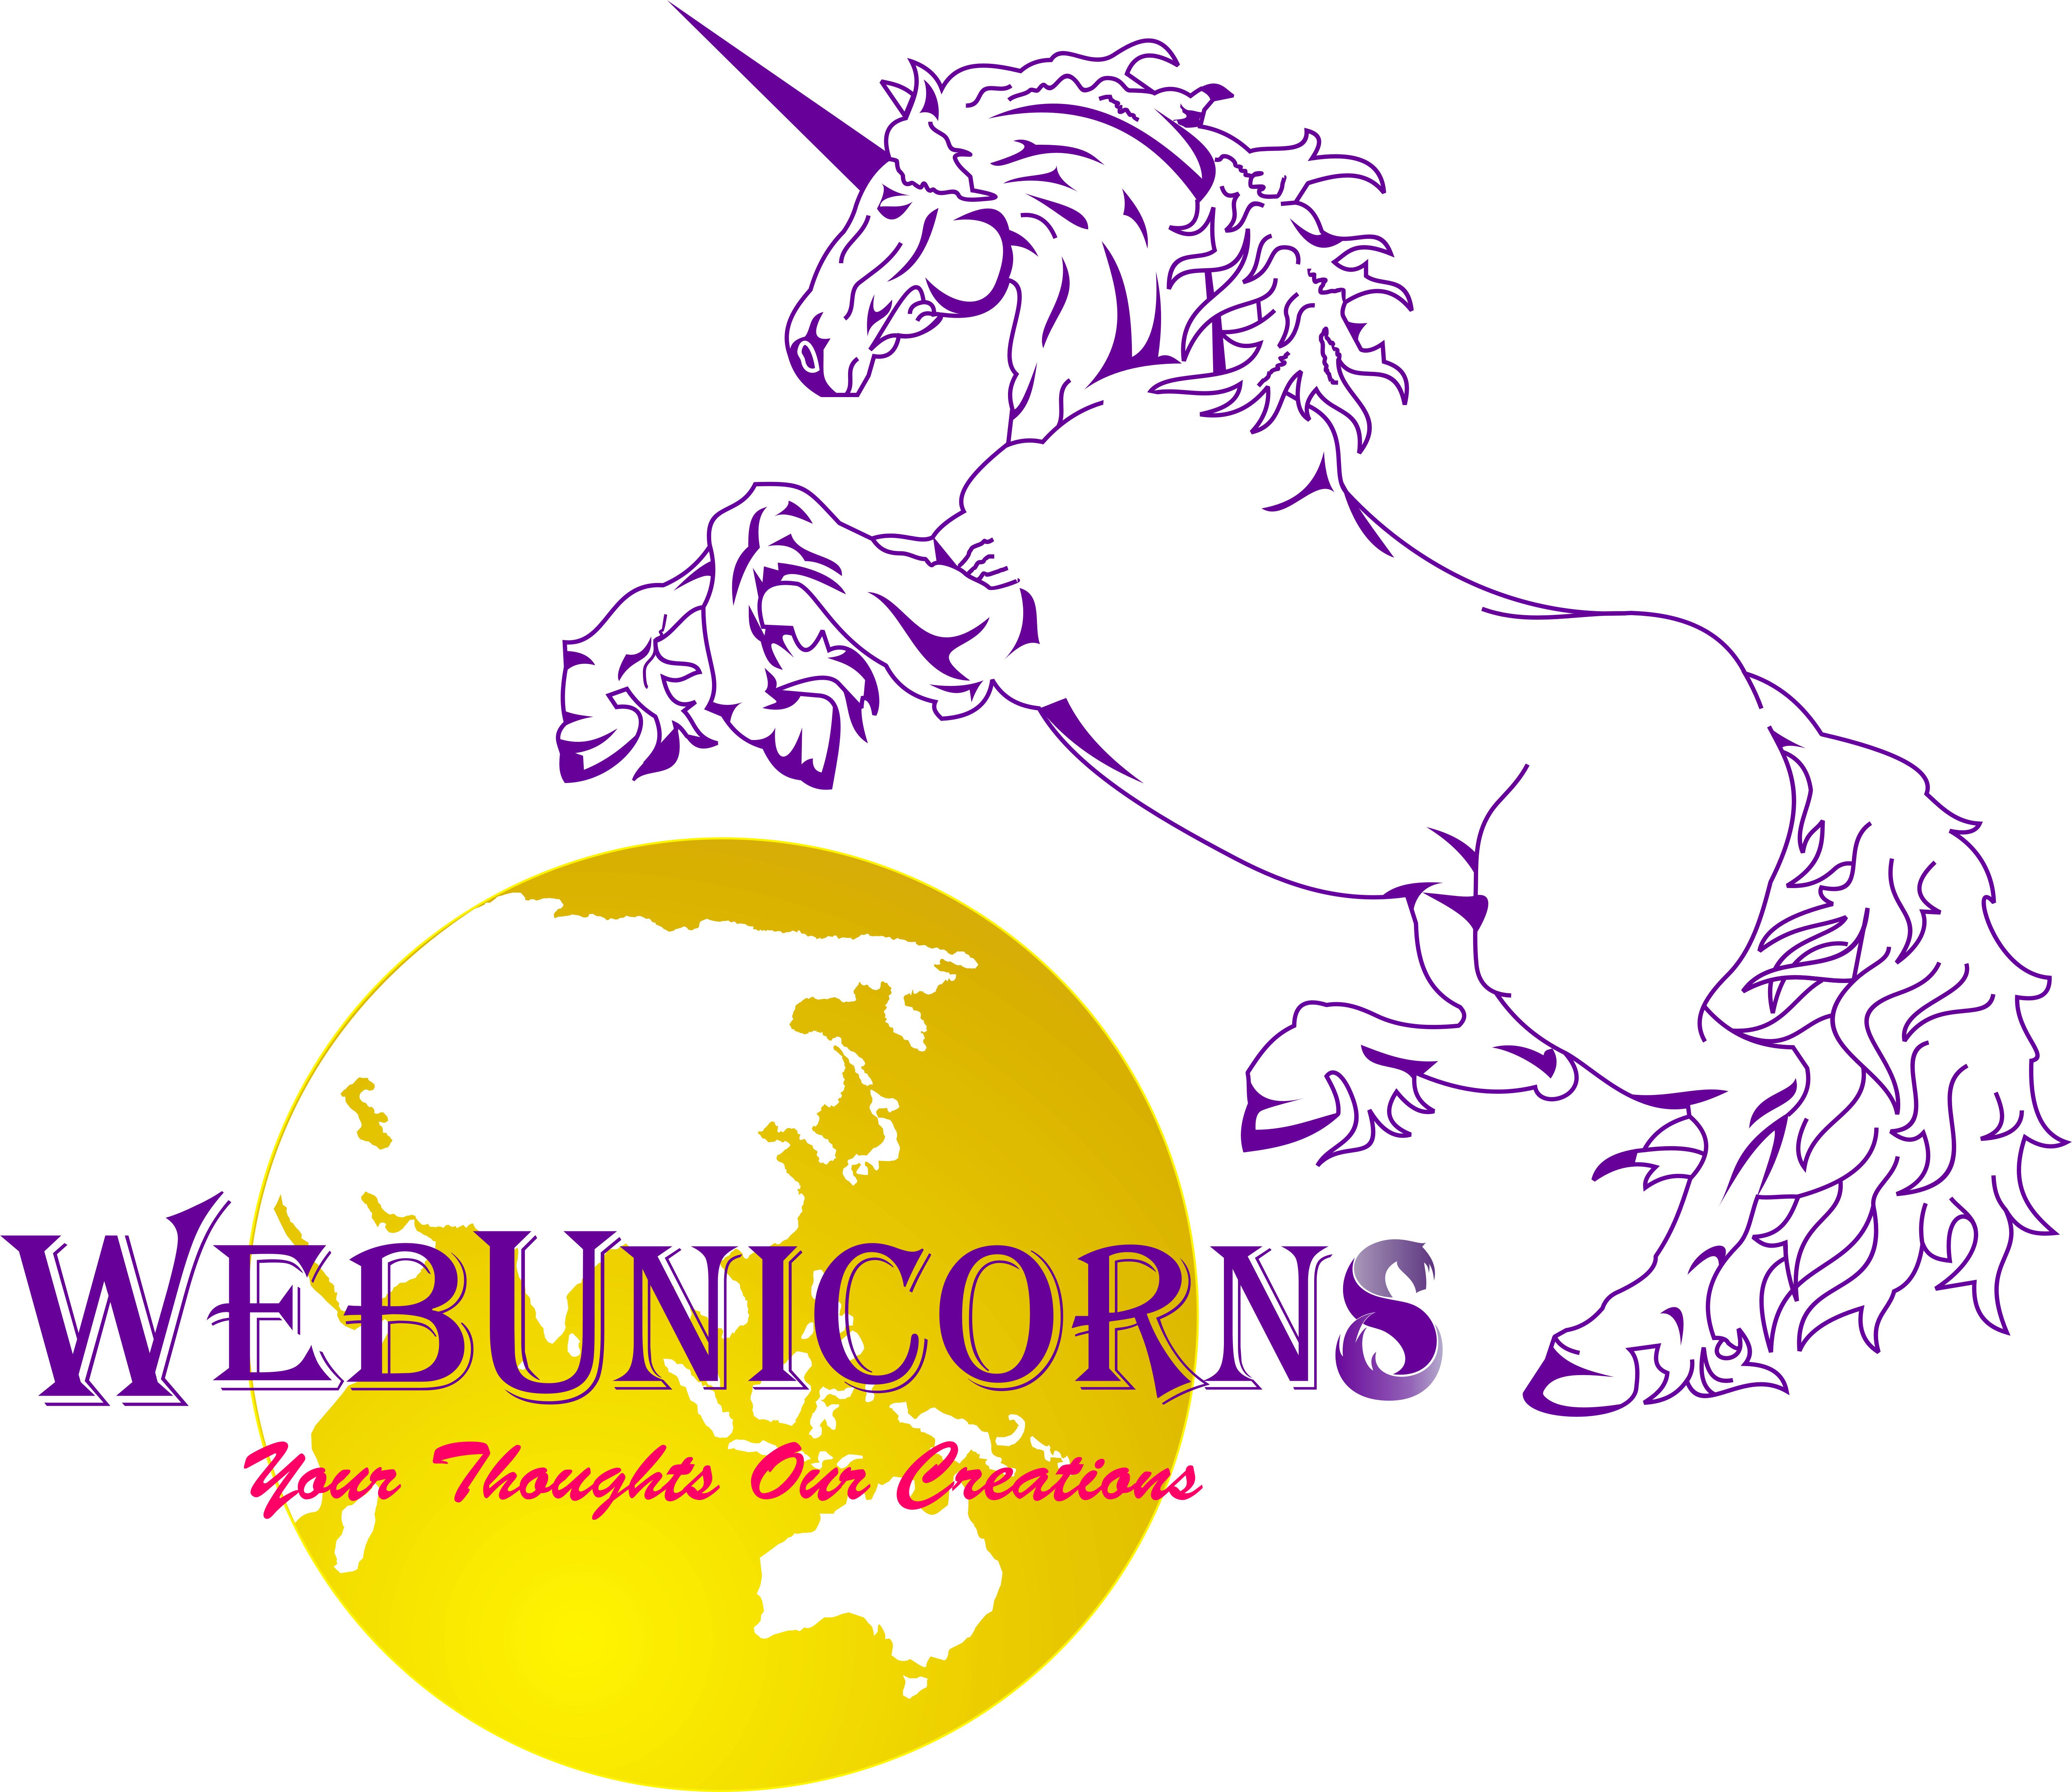 webunicorns.com